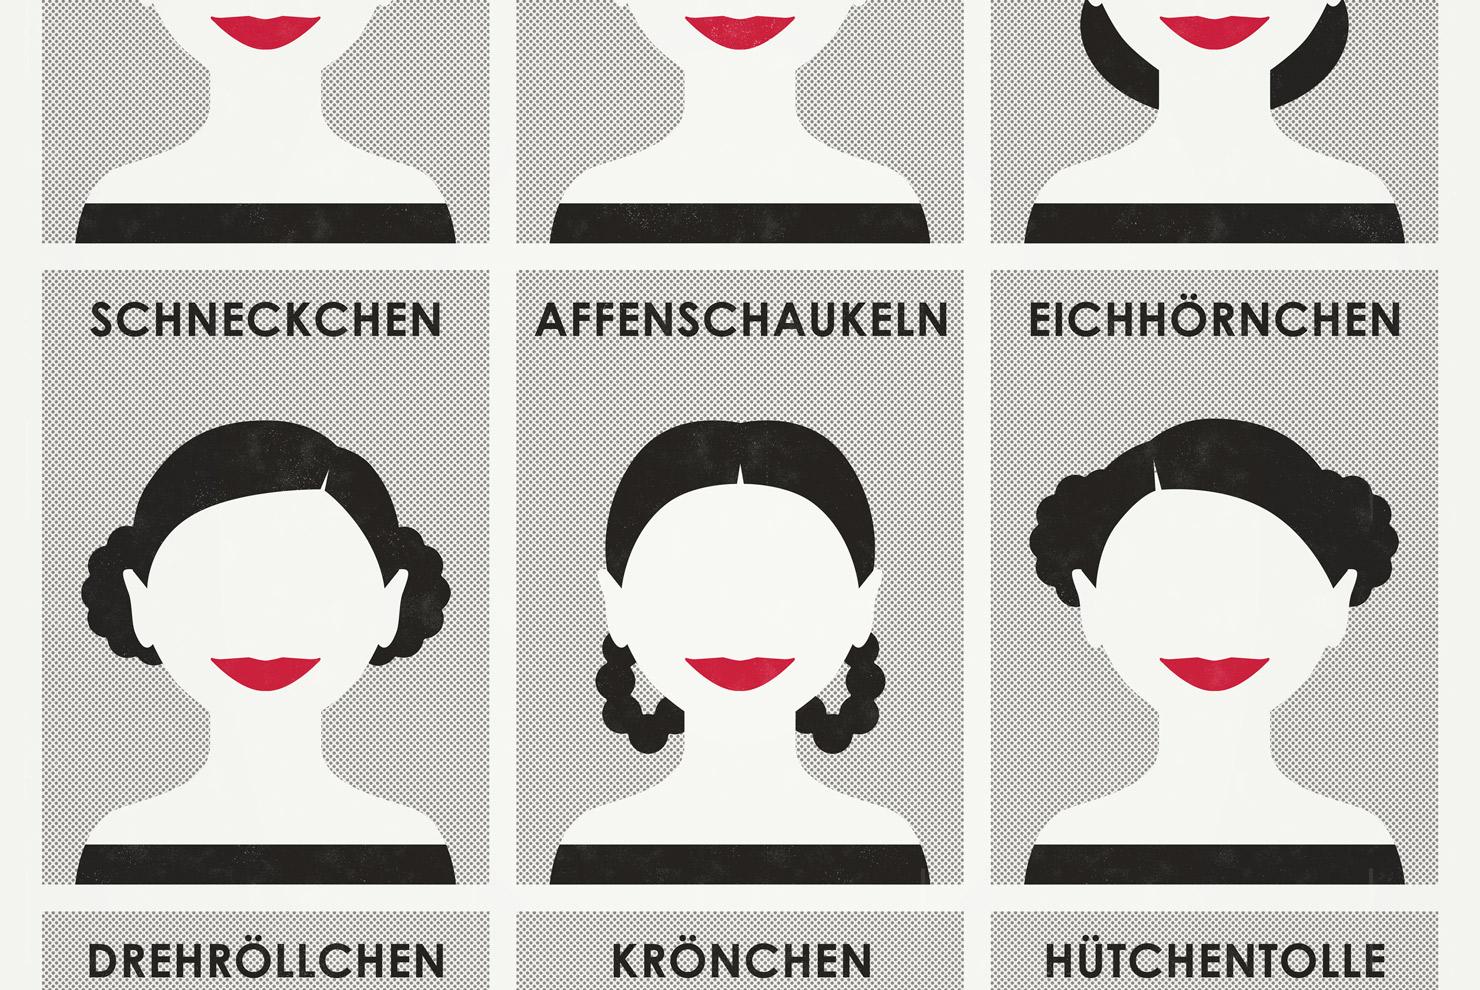 Ausschnitt aus der Infografik zu den schönsten Frisuren für langes Haar, Flechtfrisuren und Hochsteckfrisuren